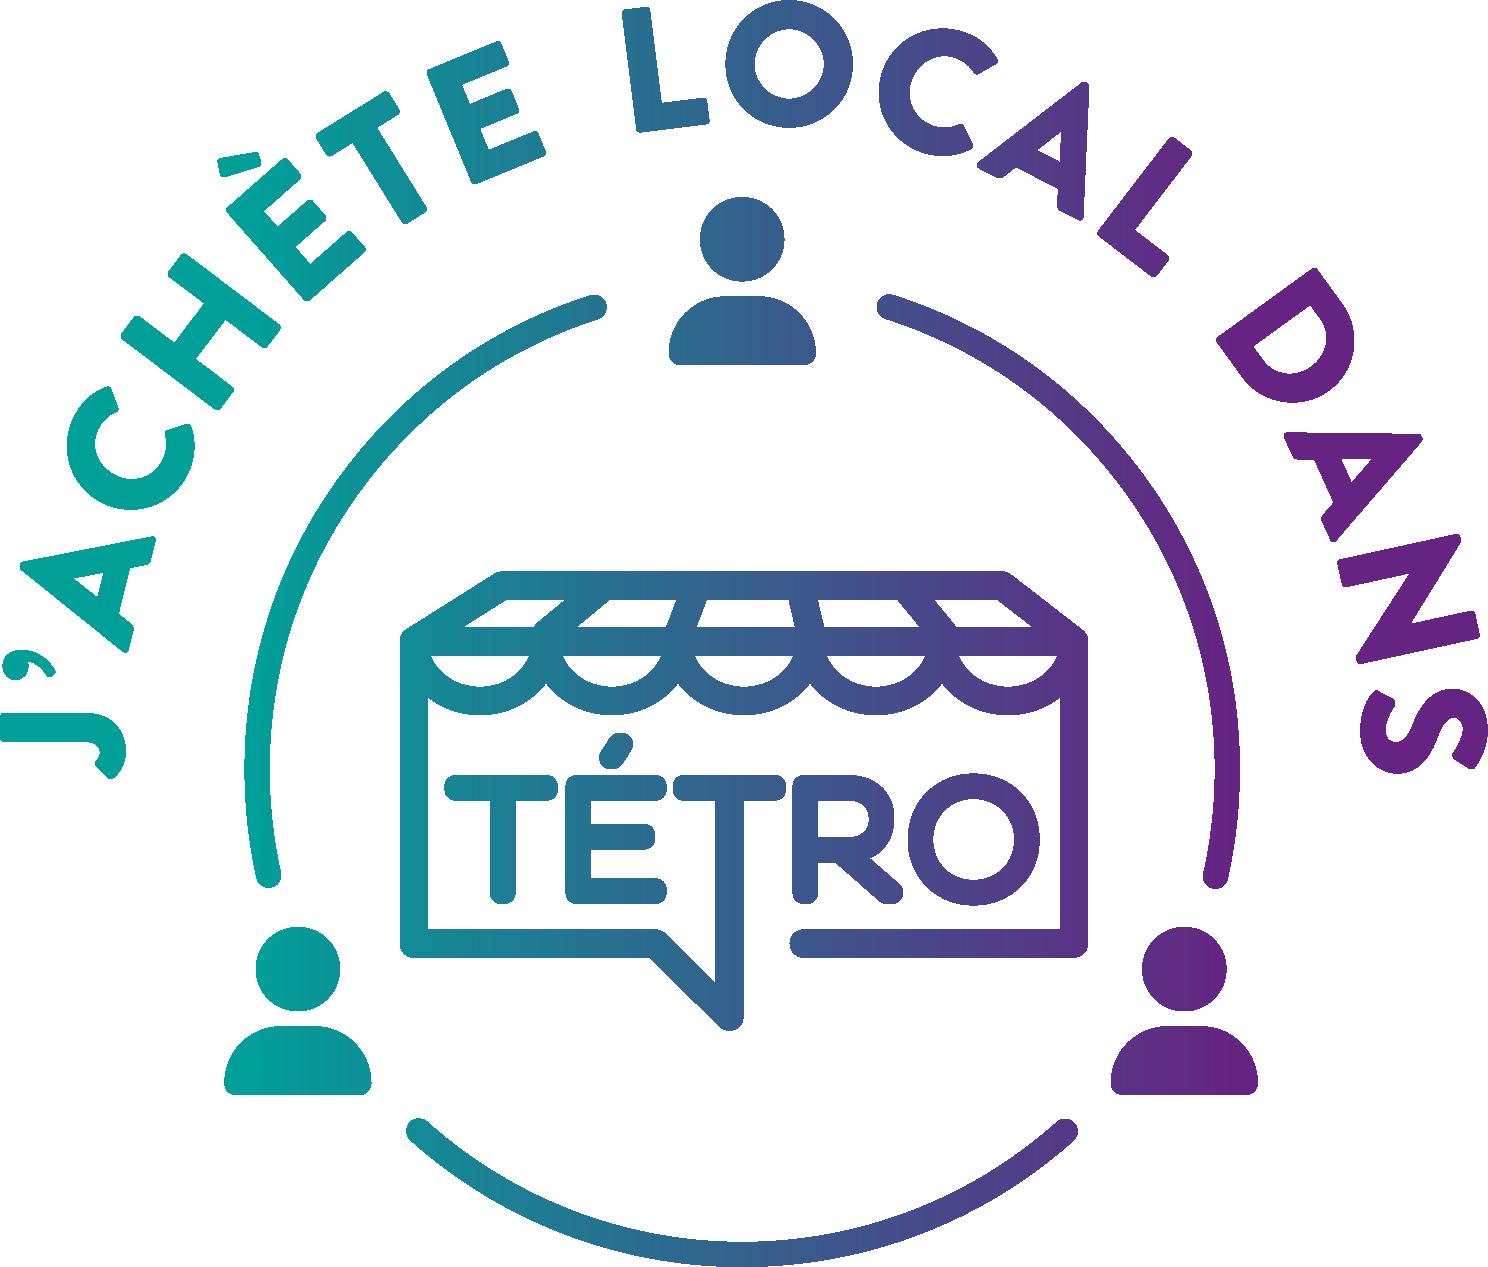 J'achète local dans Tétro : campagne de sociofinancement